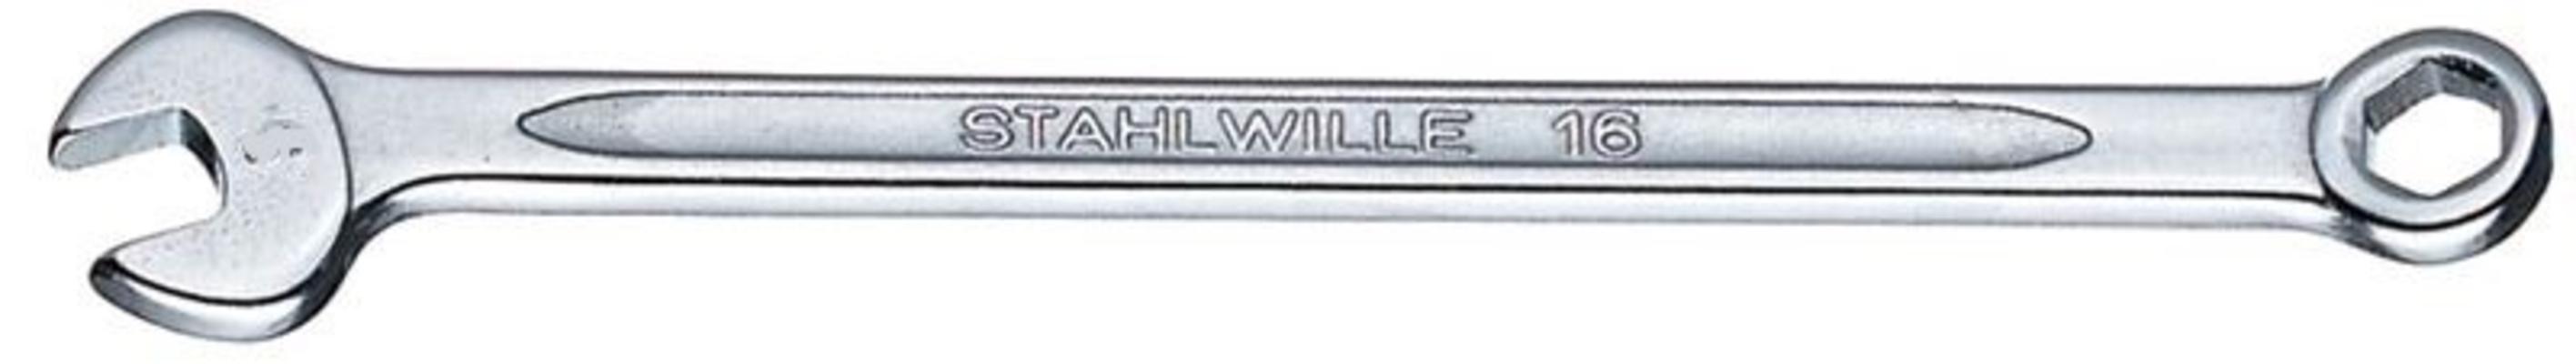 Pienois-kiintolenkkiavain, Stahlwille - Pienois-kiintolenkkiavain 3,2 mm